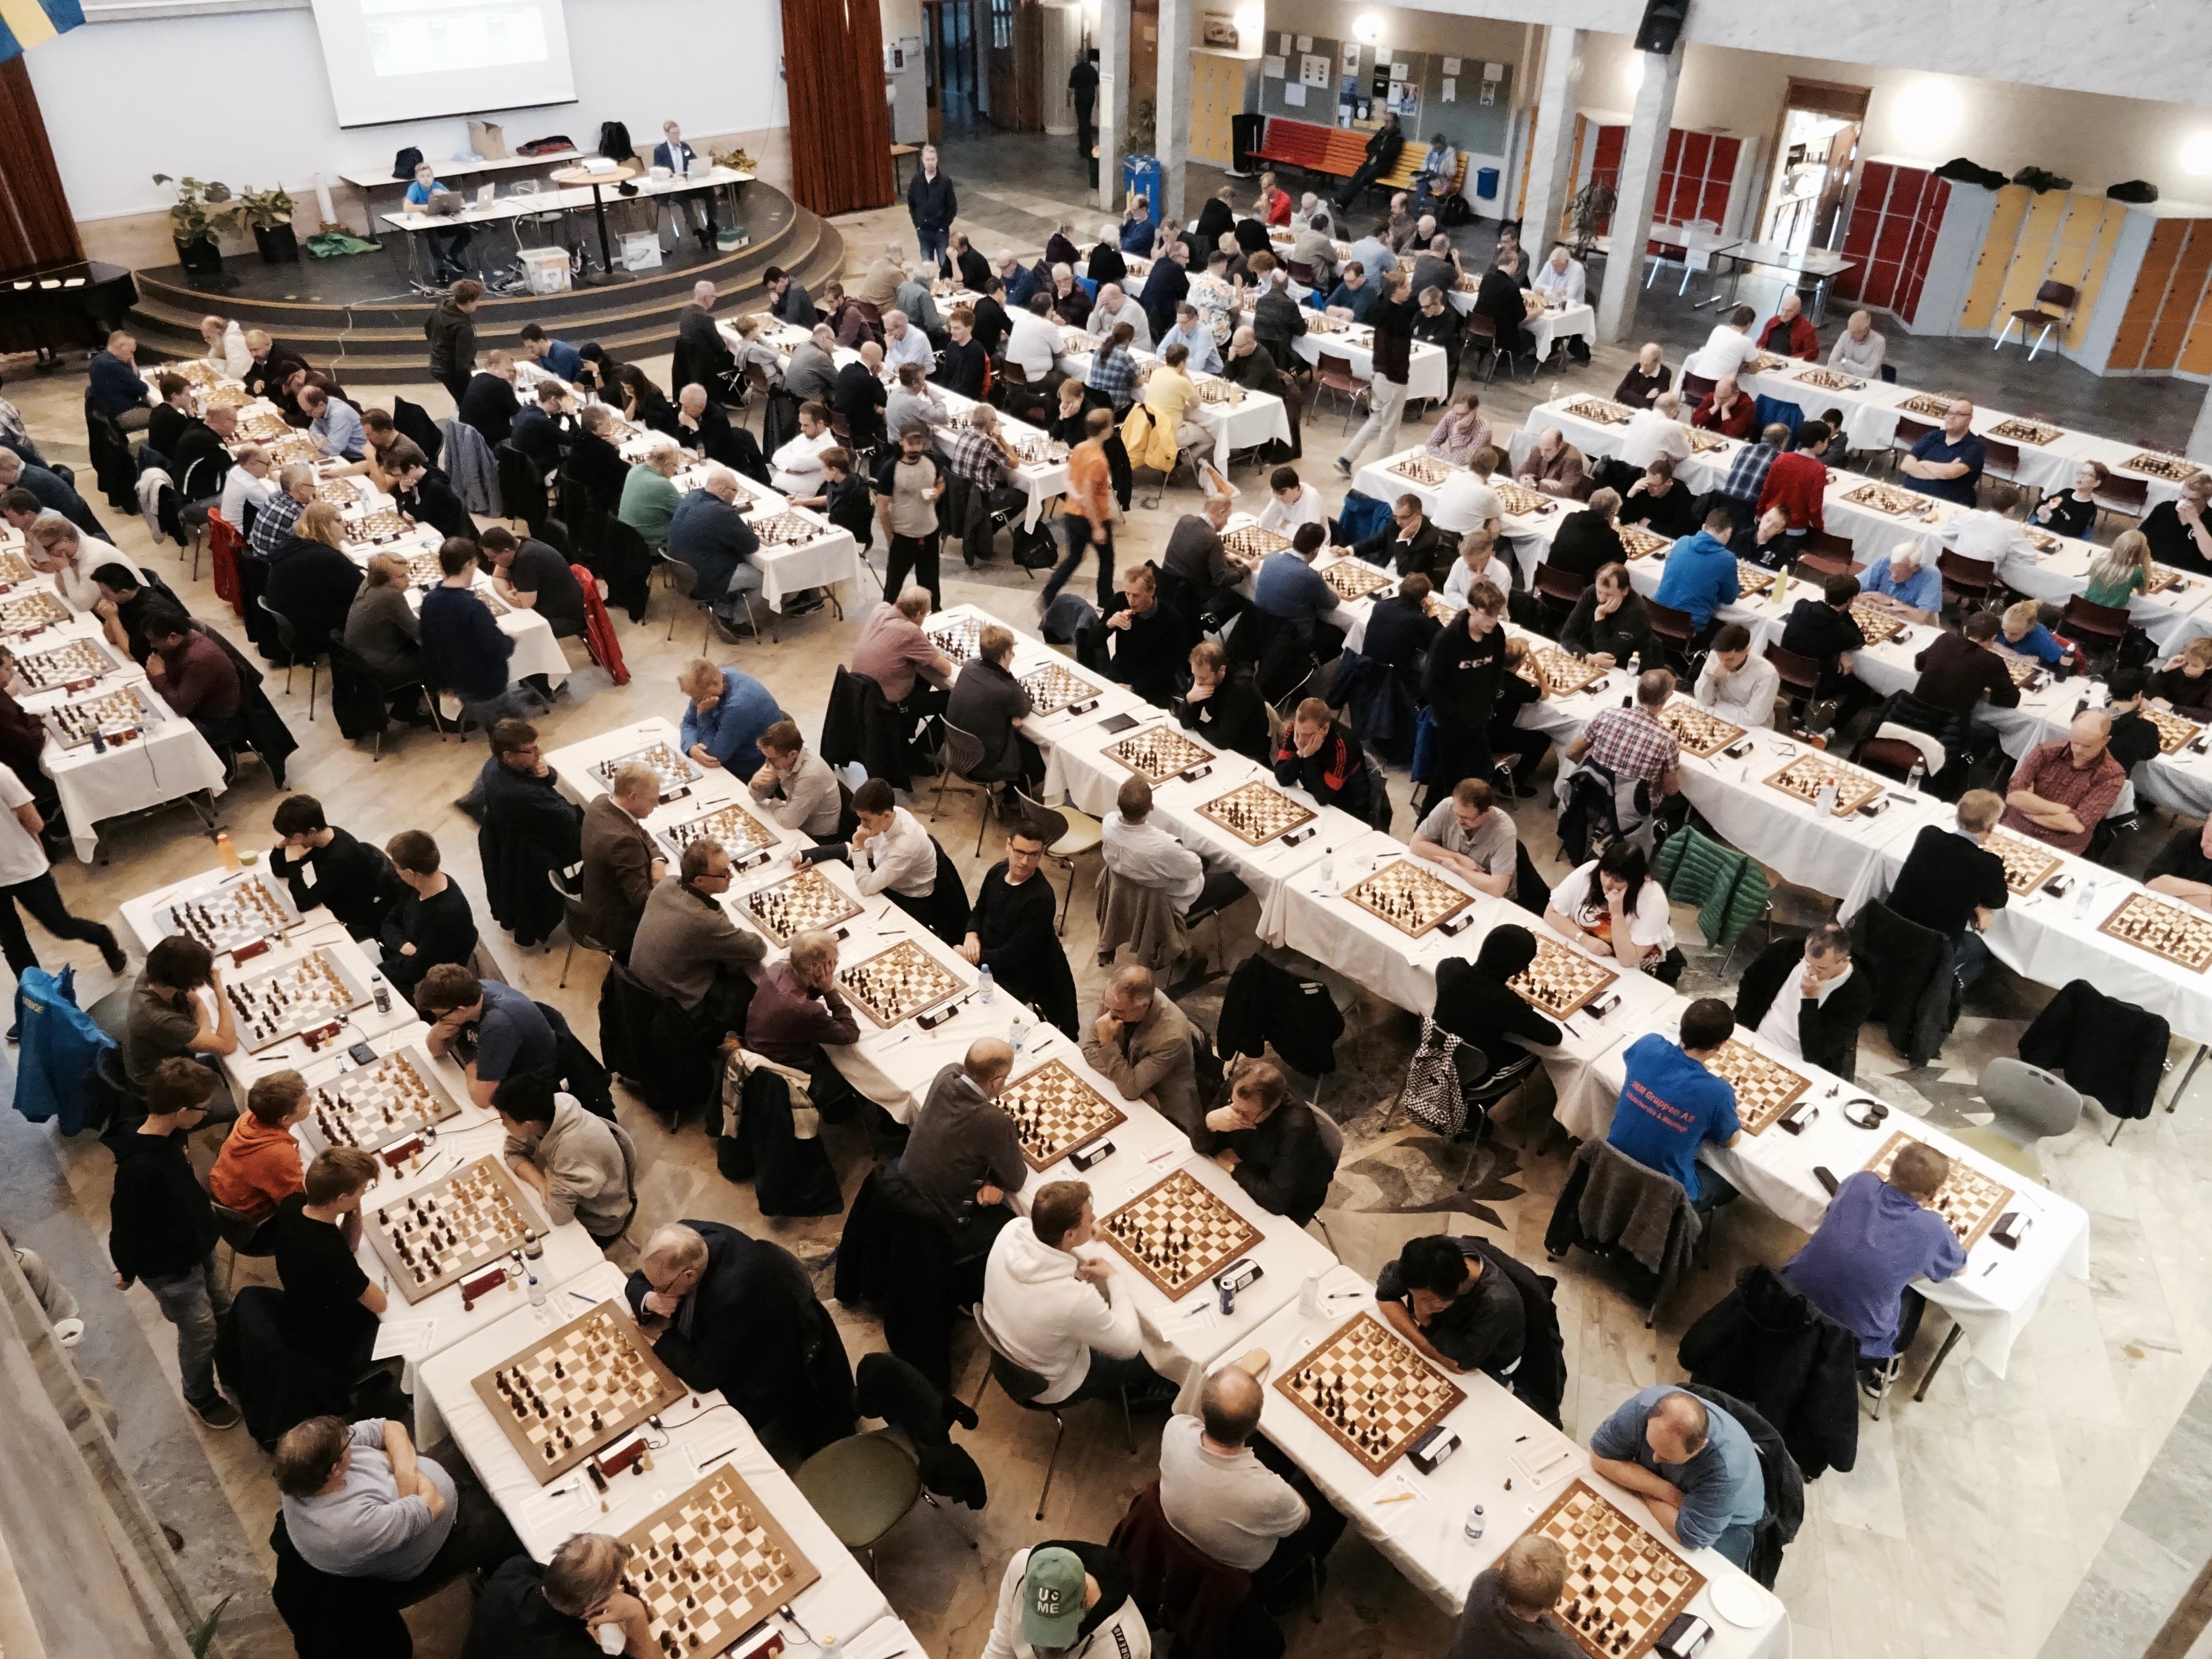 Svenskt Grand Prix Rullade Vidare I Vasteras 28 30 September